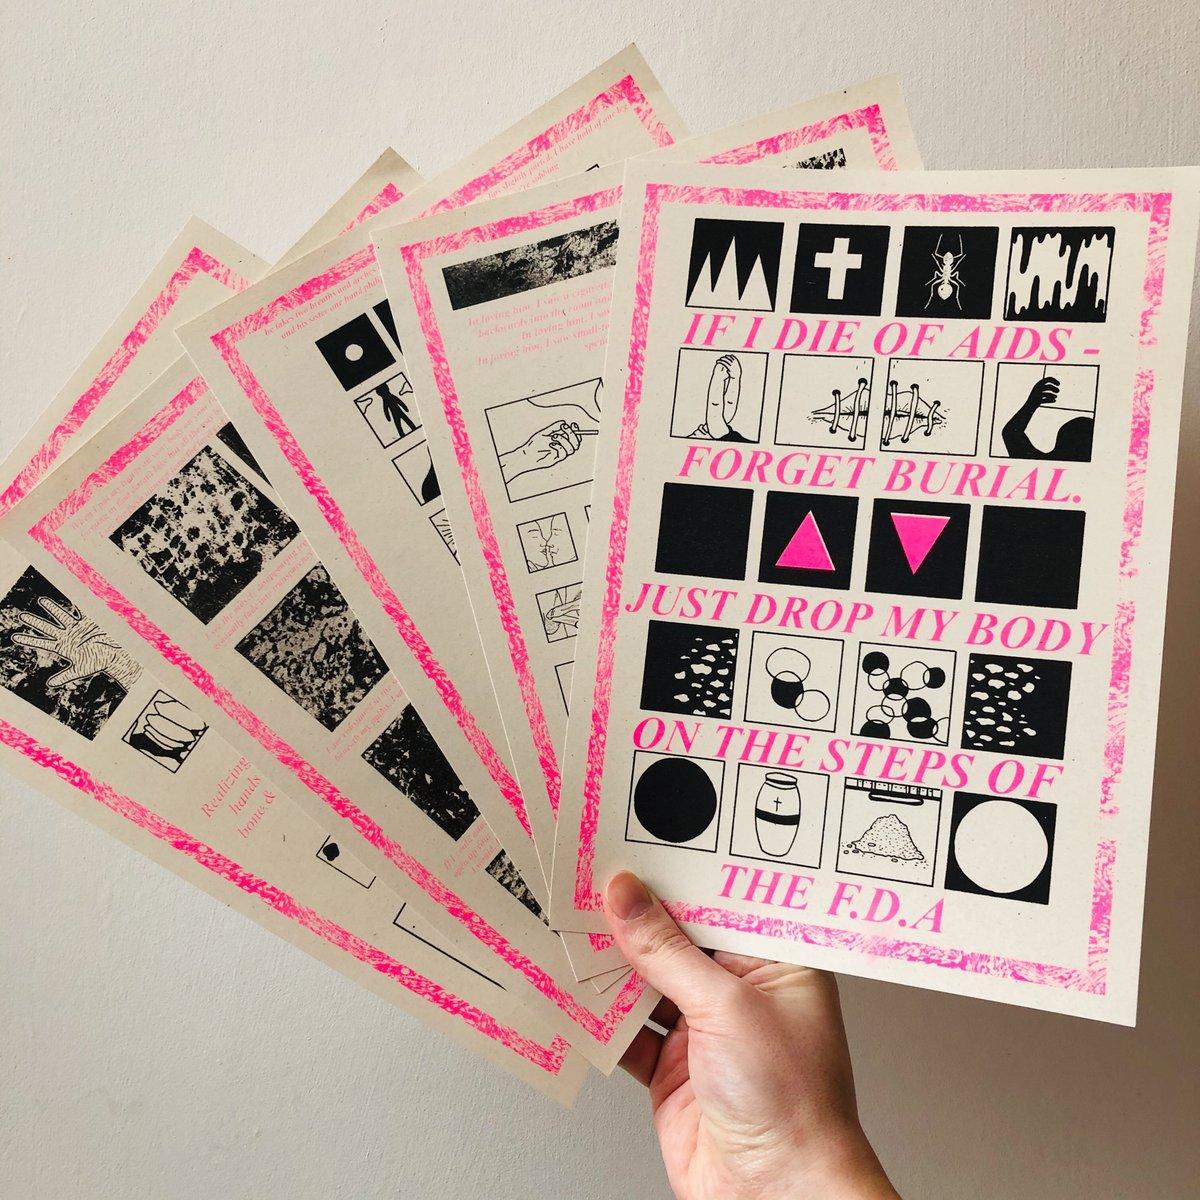 Image of David Wojnarowicz riso print collection